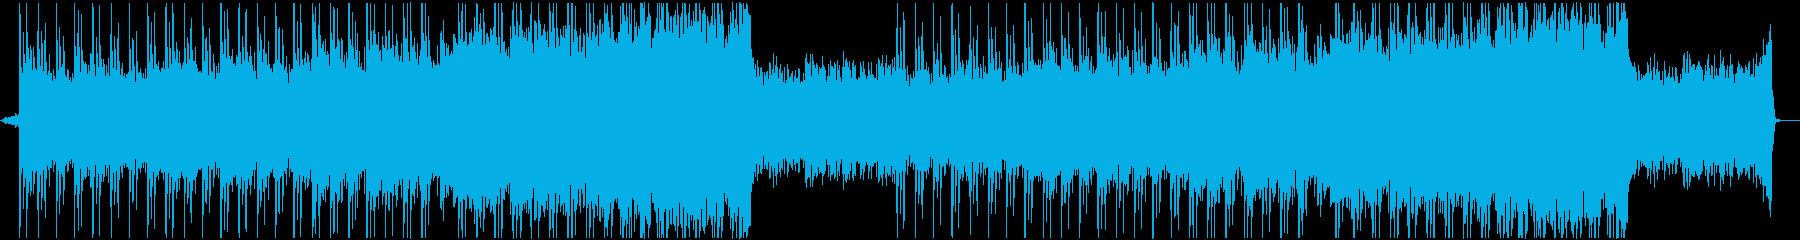 美しい感動的なオープニング!ピアノ&弦の再生済みの波形